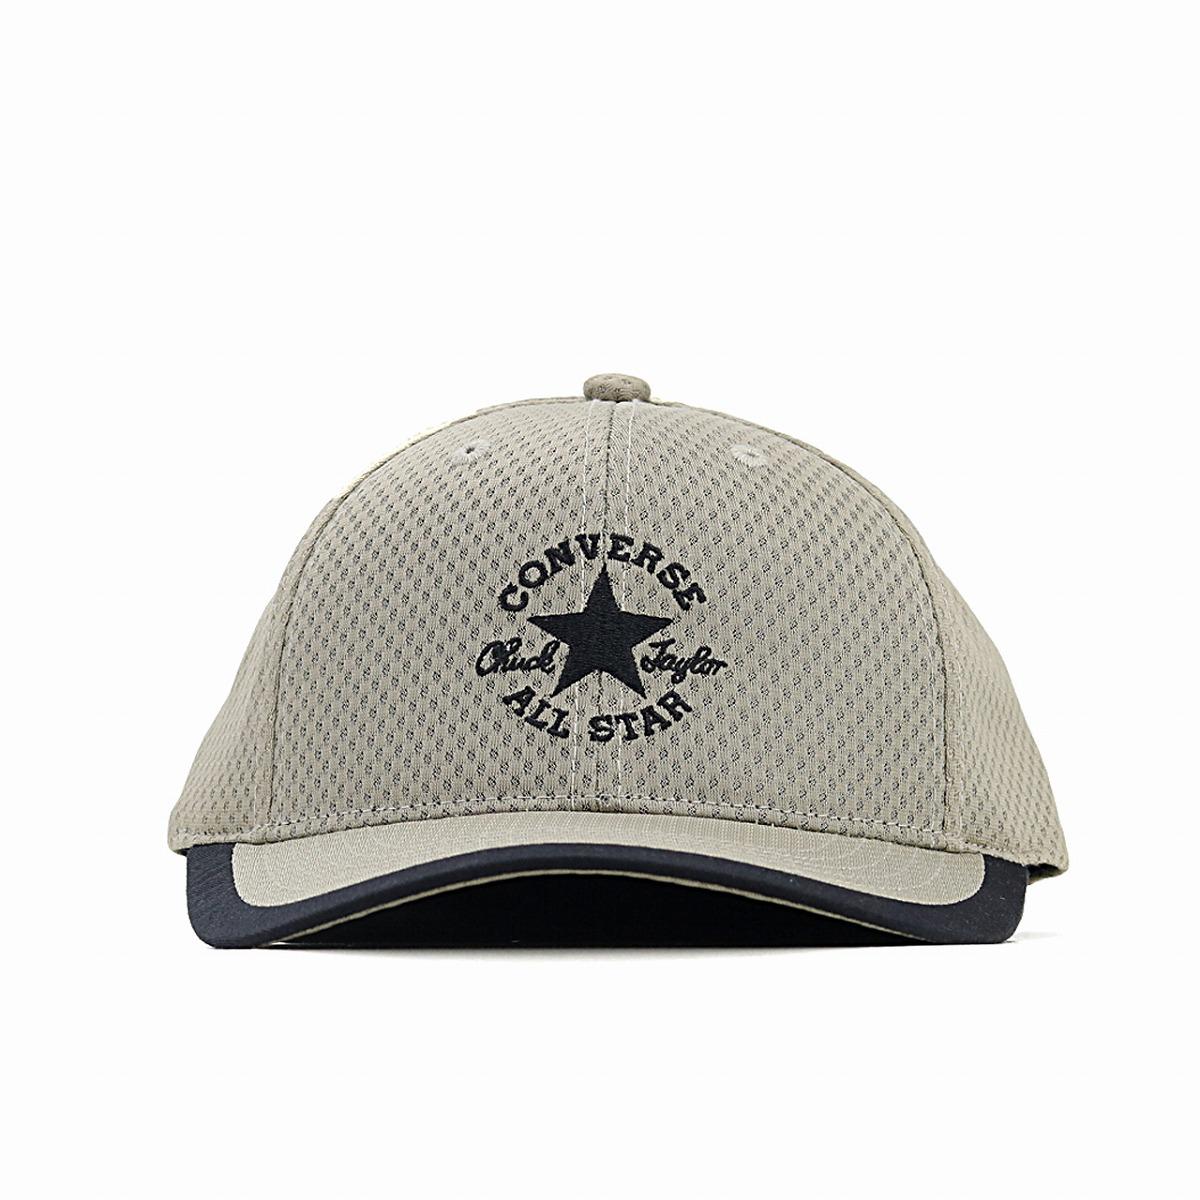 55d03bcd0a94f4 ELEHELM HAT STORE: CONVERSE ALL STAR mesh cap logo cap big size ...